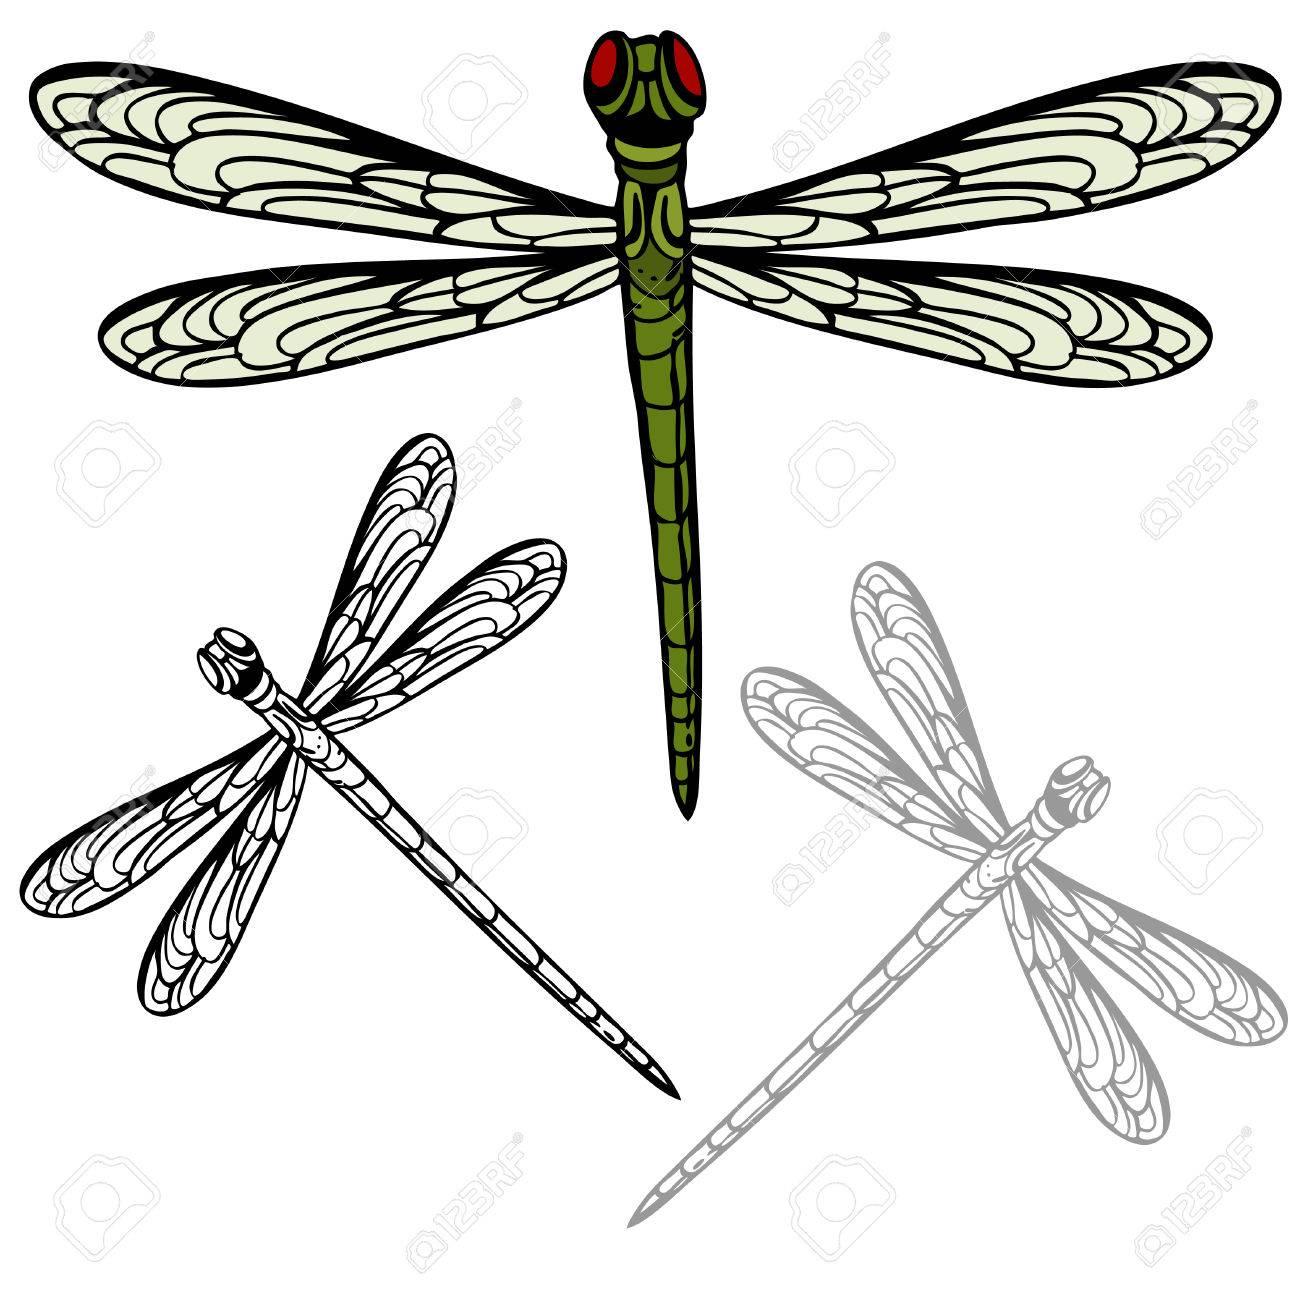 リアルなトンボのイメージ のイラスト素材 ベクタ Image